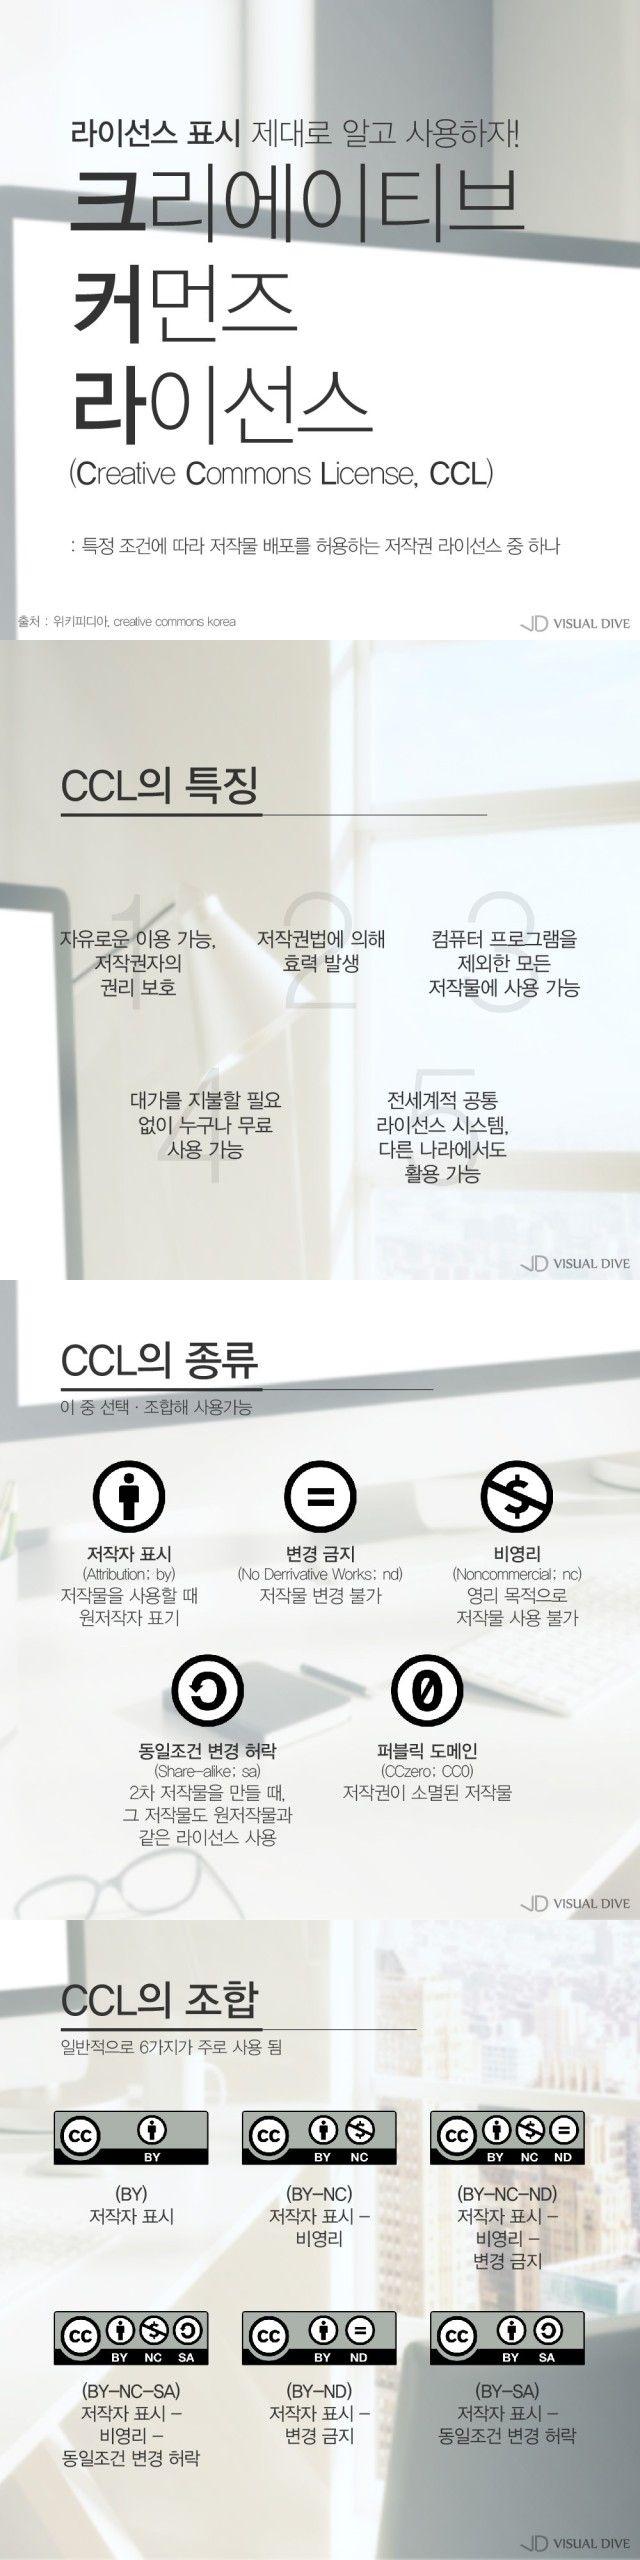 조건에 따라 저작물 배포를 허용하는 '크리에이티브 커먼즈 라이선스' [카드뉴스] #CCL / #Infographic ⓒ 비주얼다이브 무단 복사·전재·재배포 금지